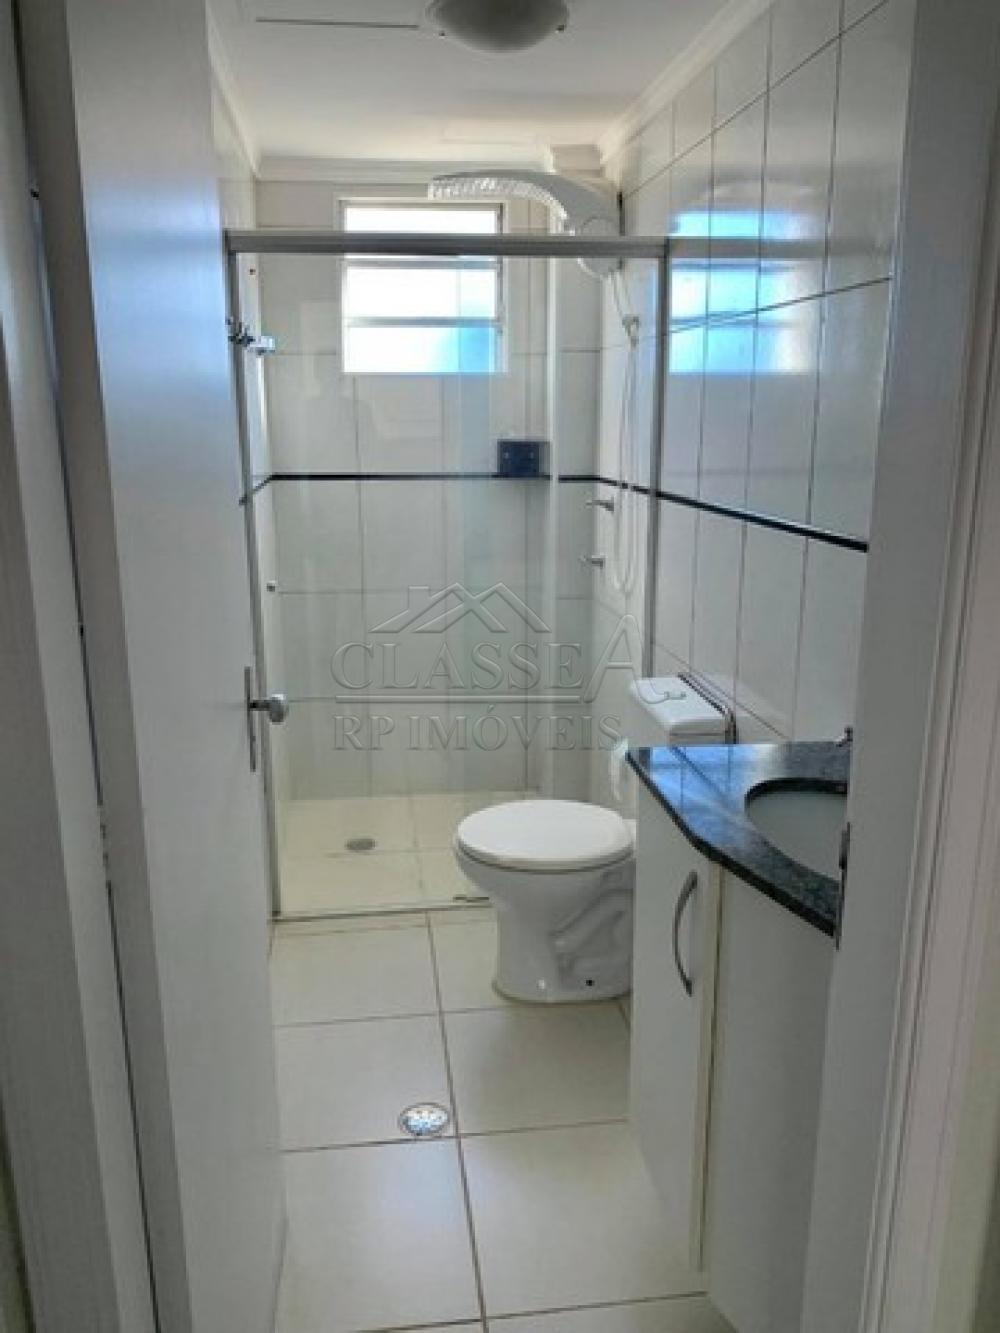 Comprar Apartamento / Cobertura Duplex em Ribeirão Preto R$ 300.000,00 - Foto 7